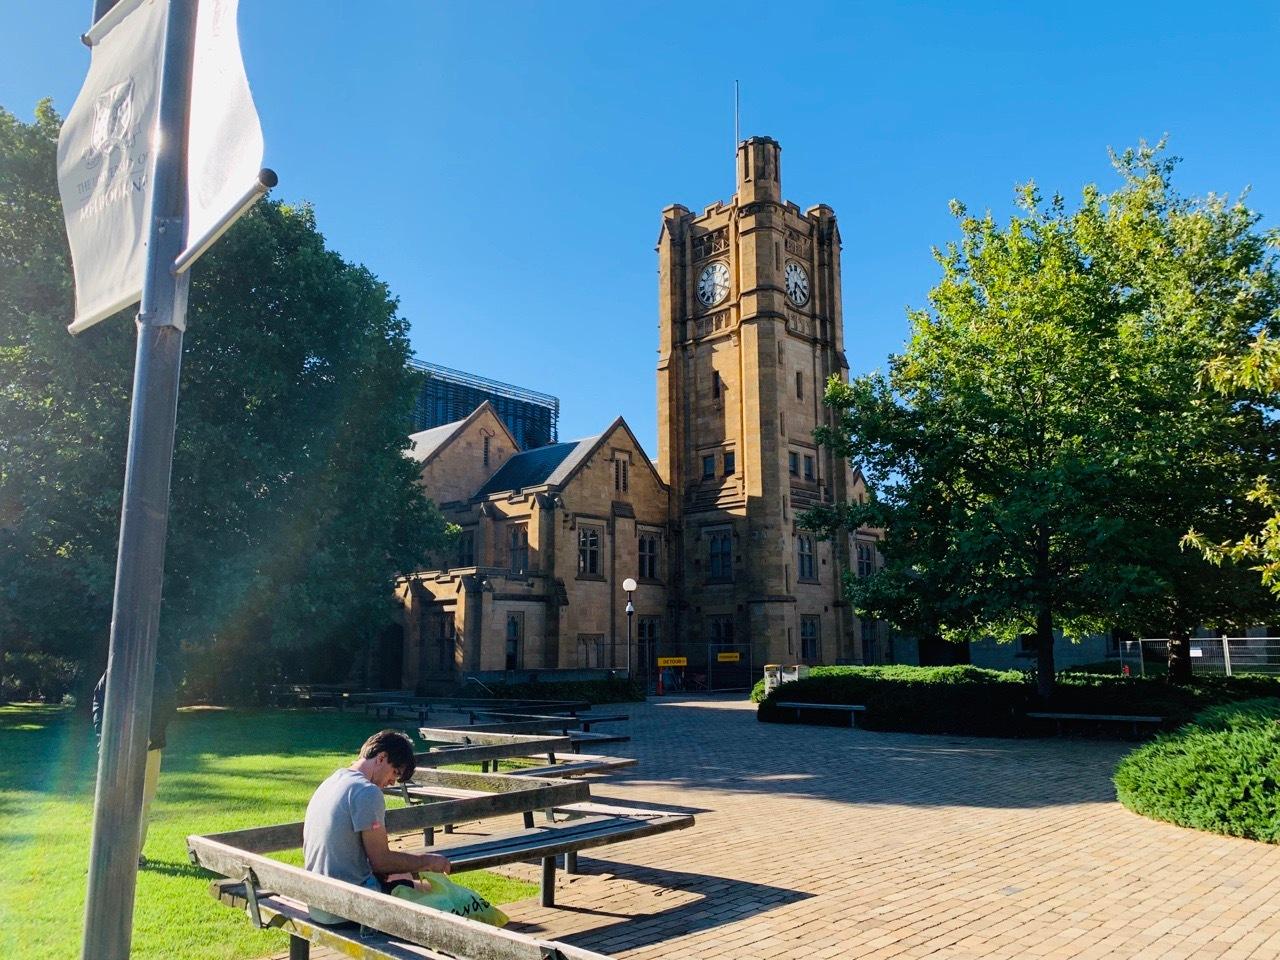 推进!留学生豁免回澳再添新方案!维州做好留学生归来准备!